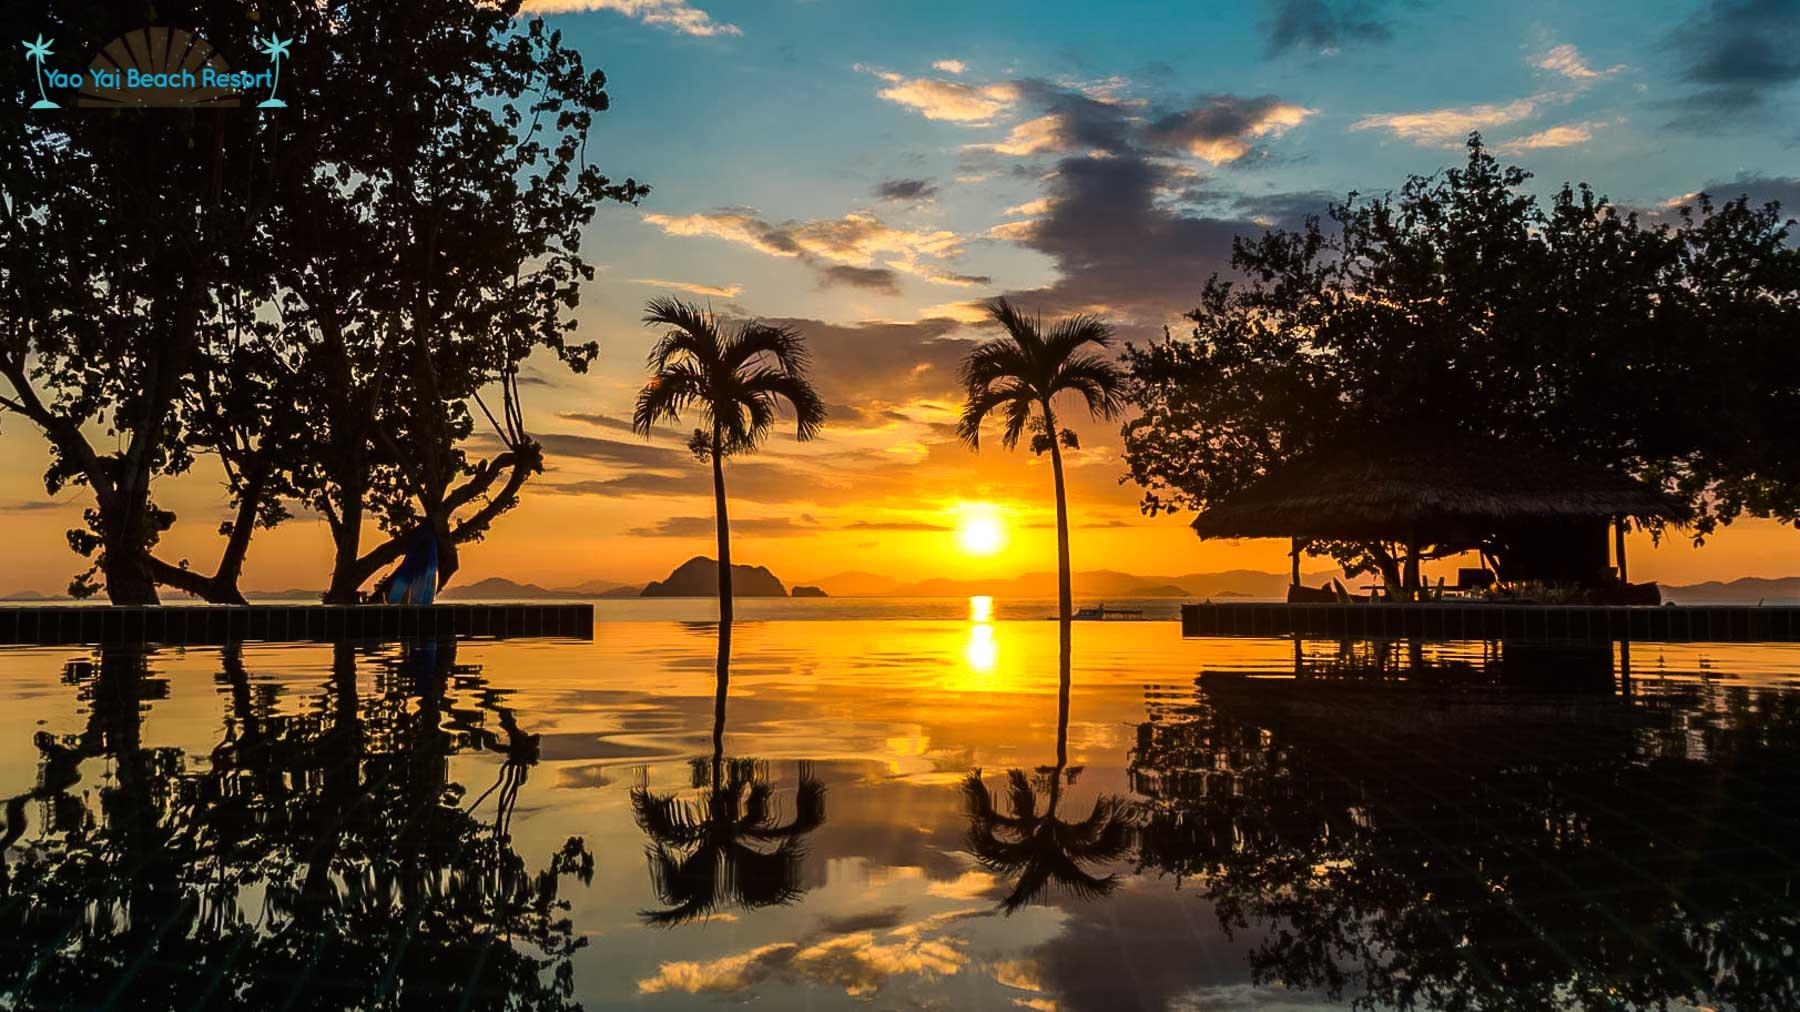 sunset view Yao Yai Beach Resort Thailand